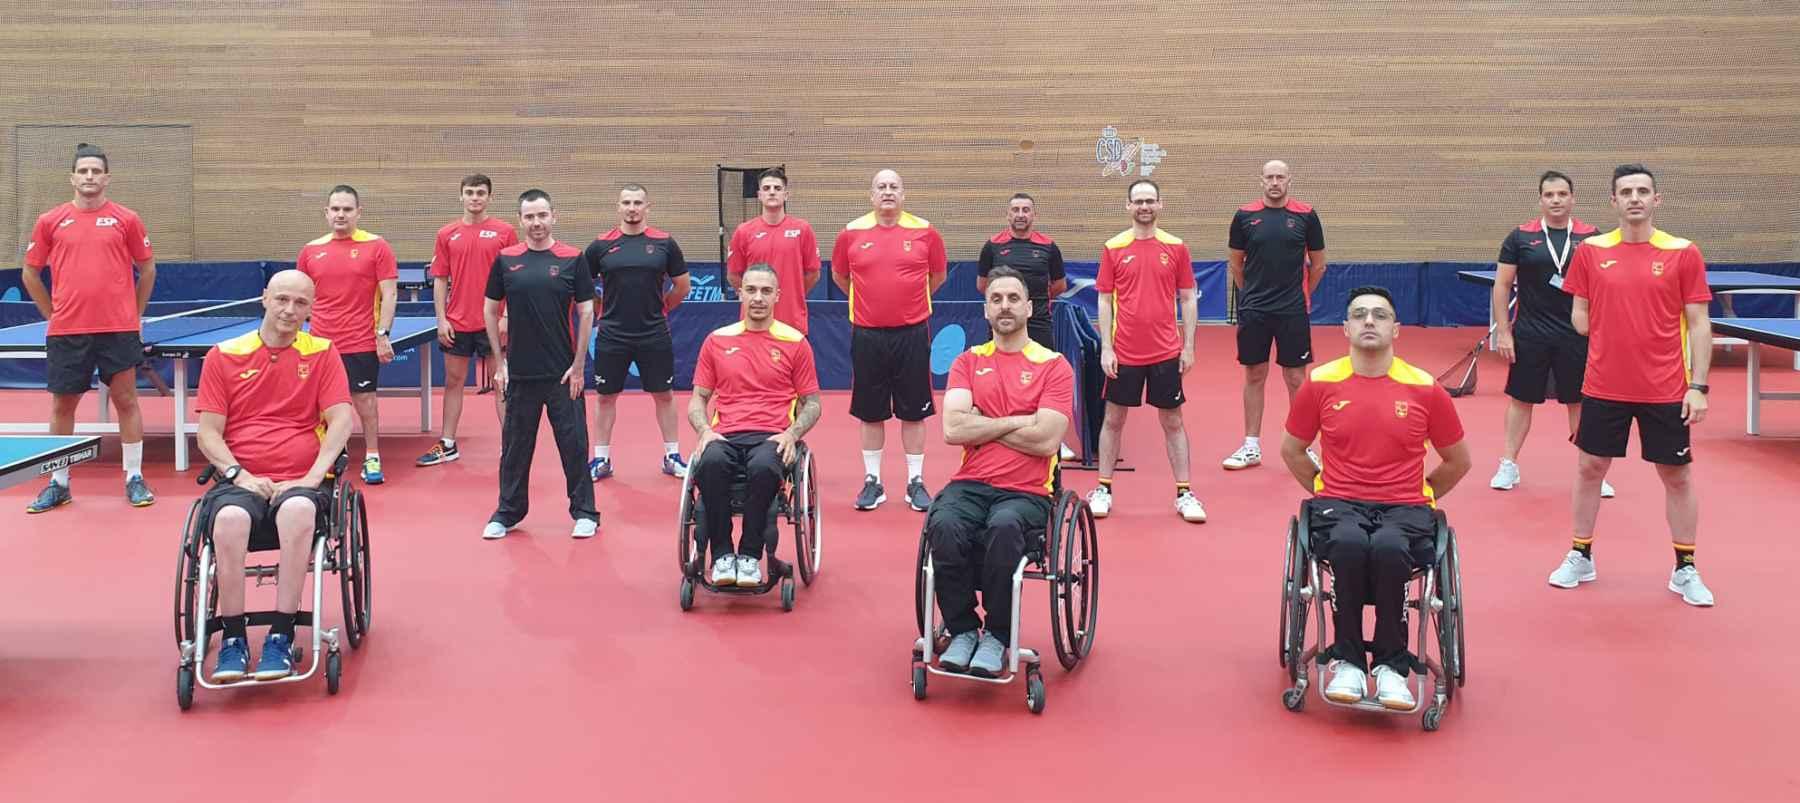 Equipo Paralímpico al completo